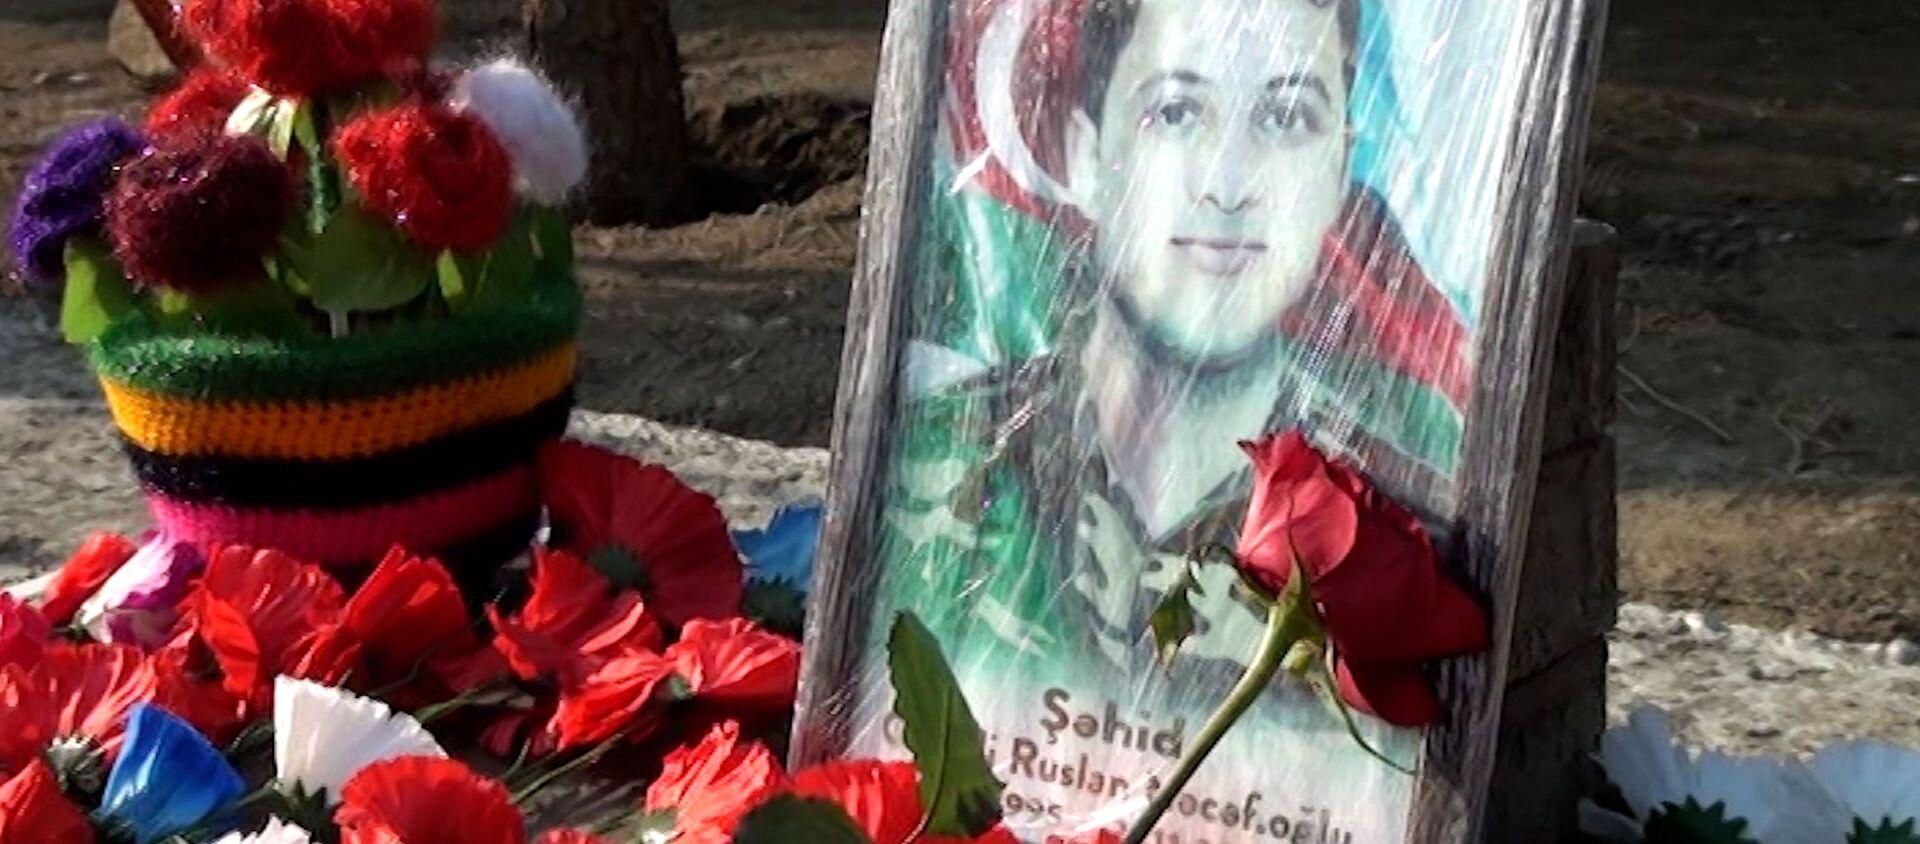 Мать шехида ищет незнакомку, которая приносит по одной розе на могилу сына - Sputnik Азербайджан, 1920, 20.01.2021